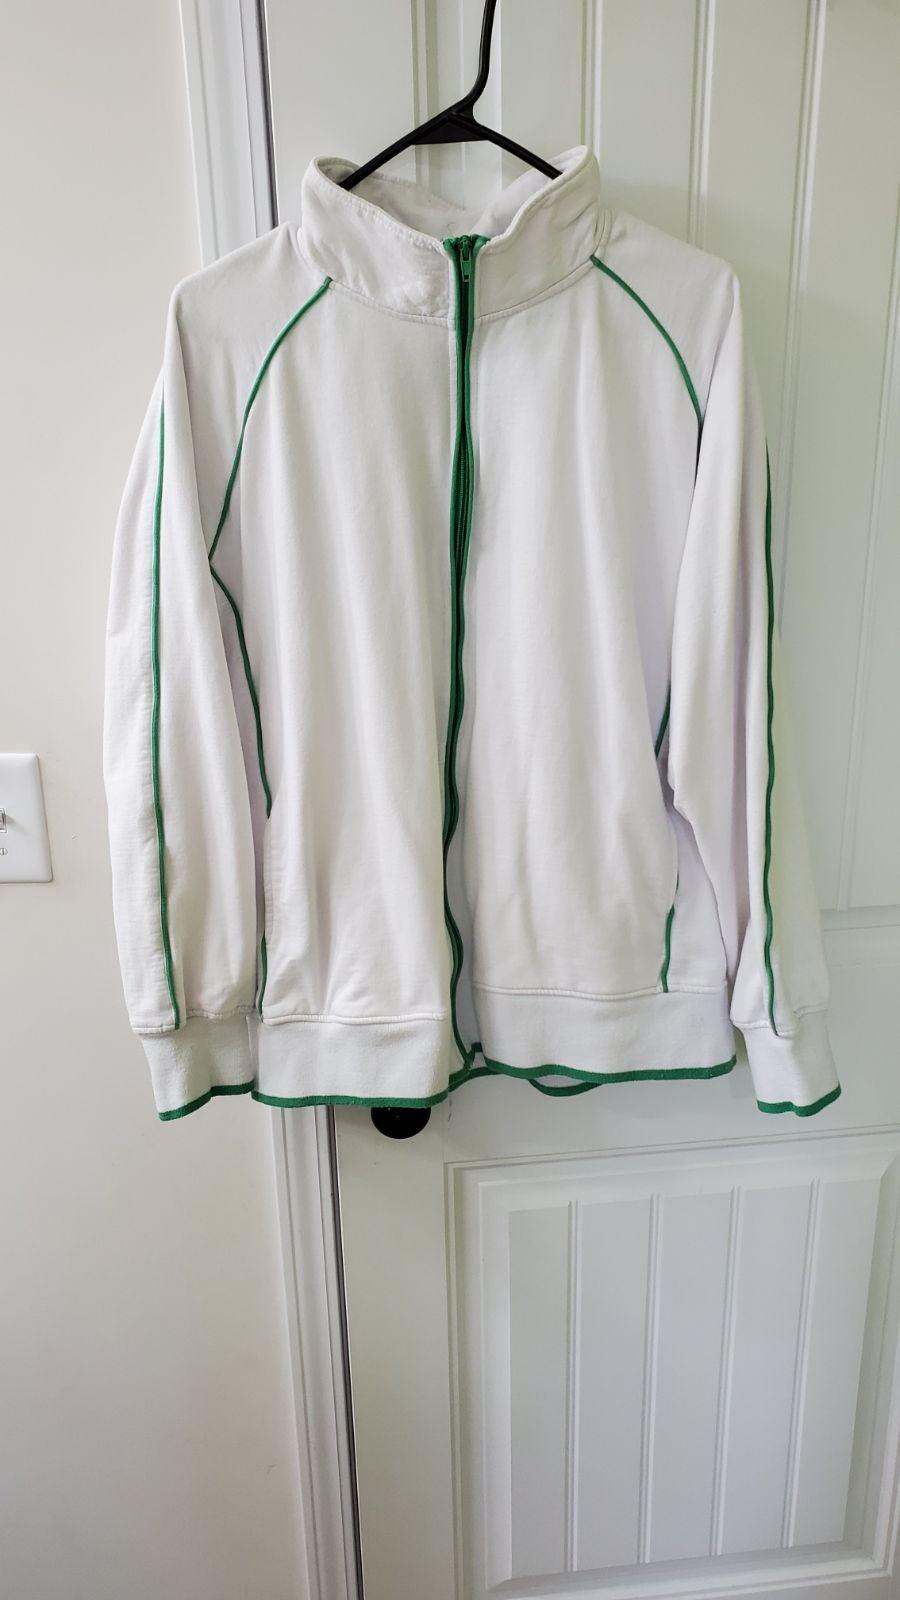 Buckle Zip up Jacket XL